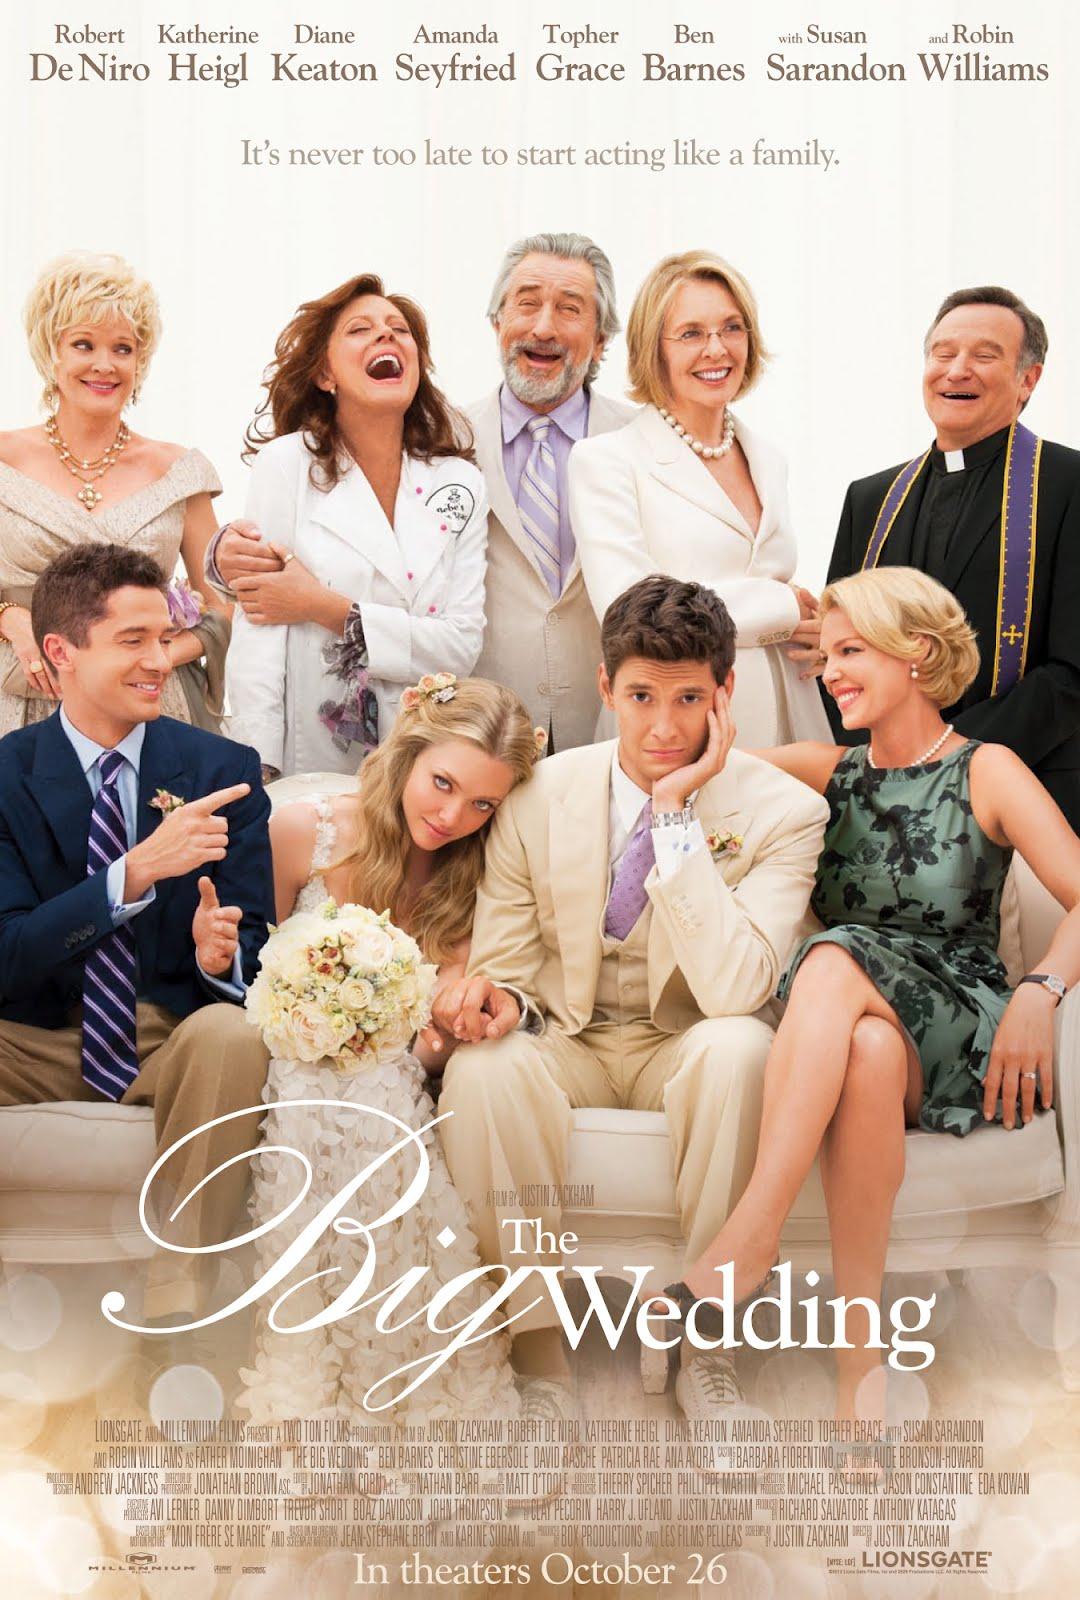 http://4.bp.blogspot.com/-GlF0Duk8ELA/UYIiay5FliI/AAAAAAAAMKg/DxBfNAITvuw/s1600/the-big-wedding-movie-poster.jpg